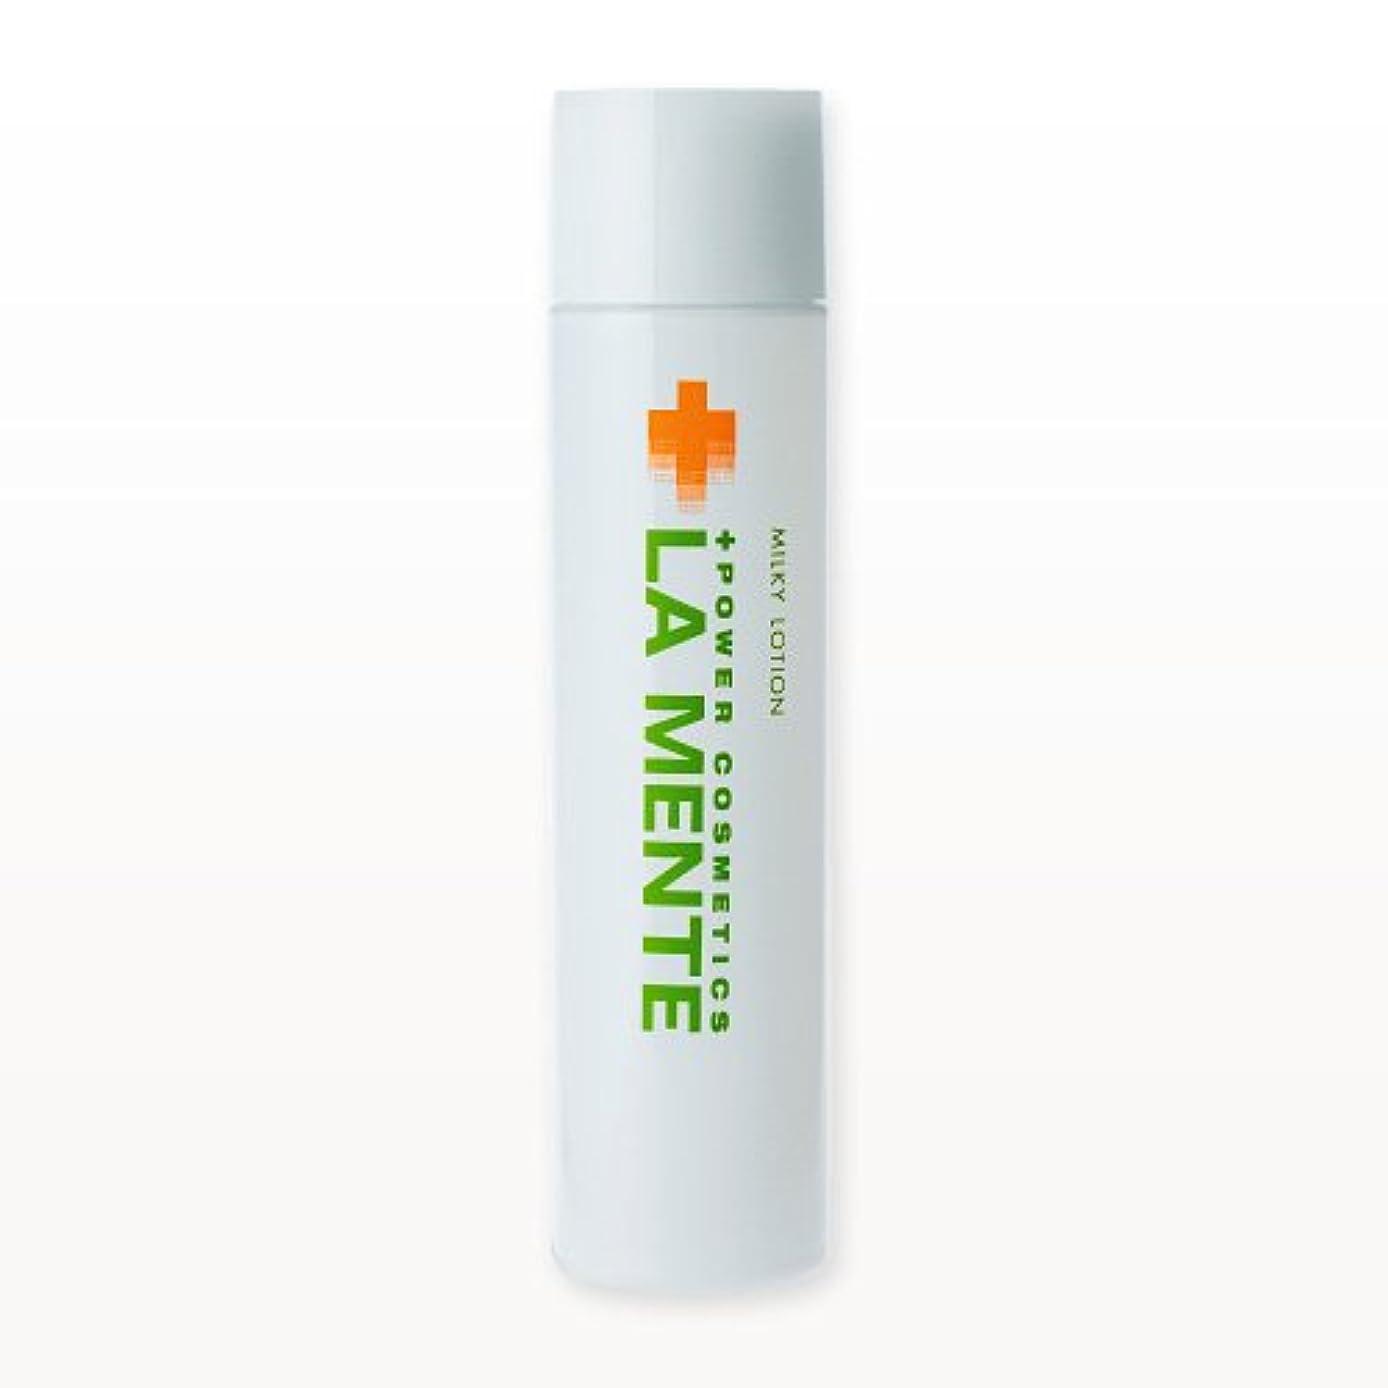 アトミックブロックする最終的にラメンテ(LA MENTE) 薬用 ミルキィローション 150mL 美白&保湿ローション